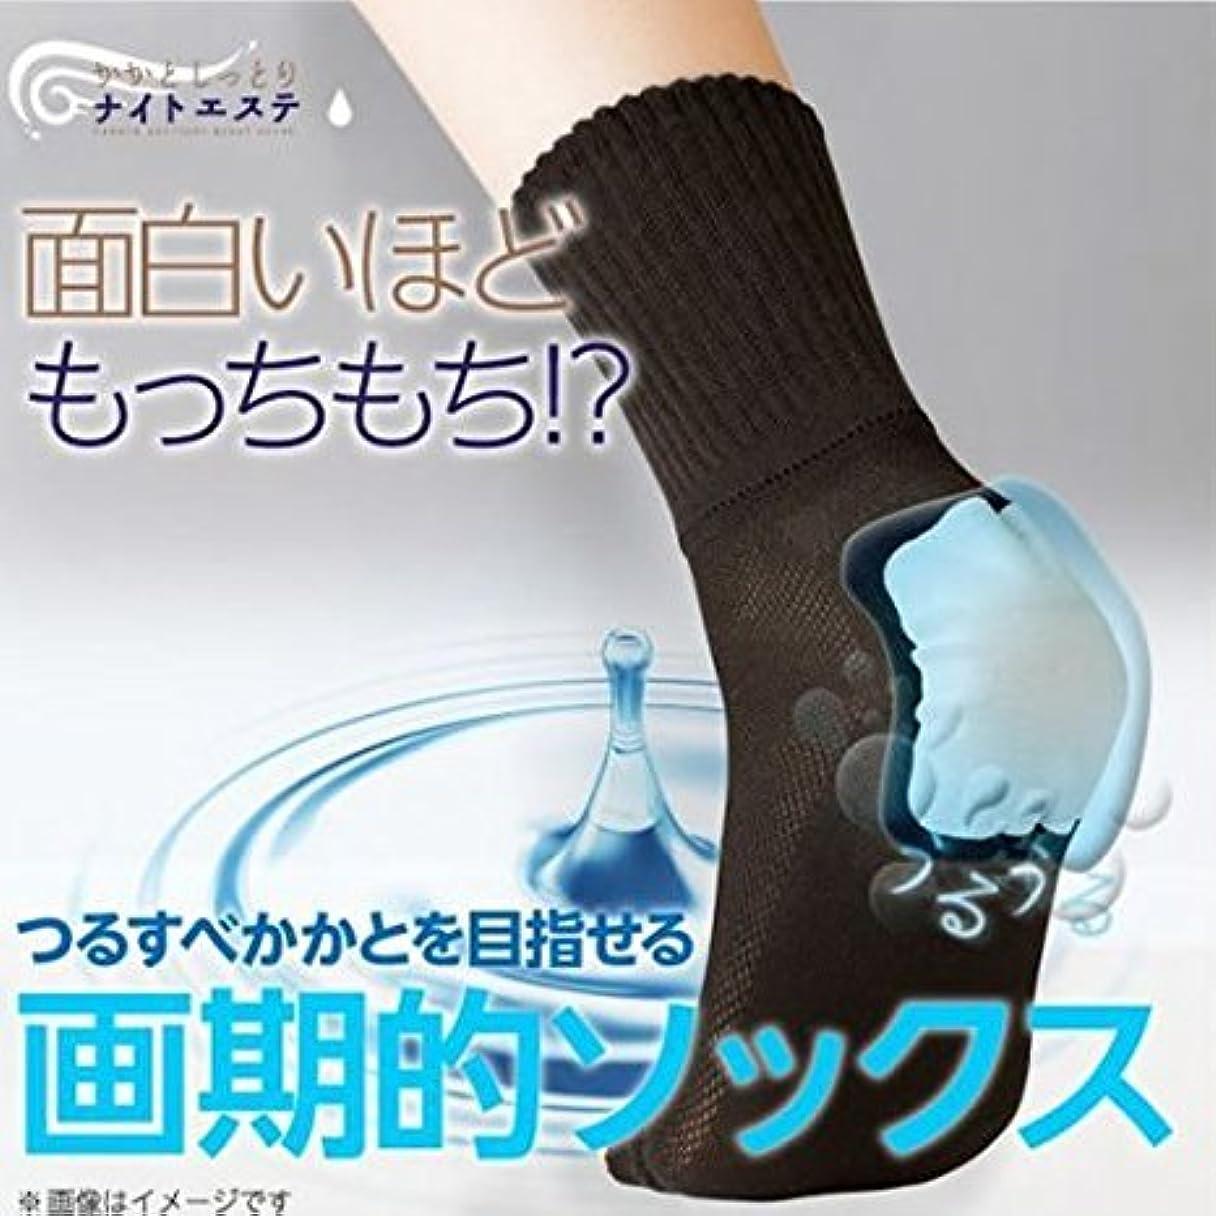 バドミントンスローガン正直特許取得済治療シート採用!『履くだけこっそりナイトエステ』 ガサガサ足、かかとのヒビ割れが気になるなら??